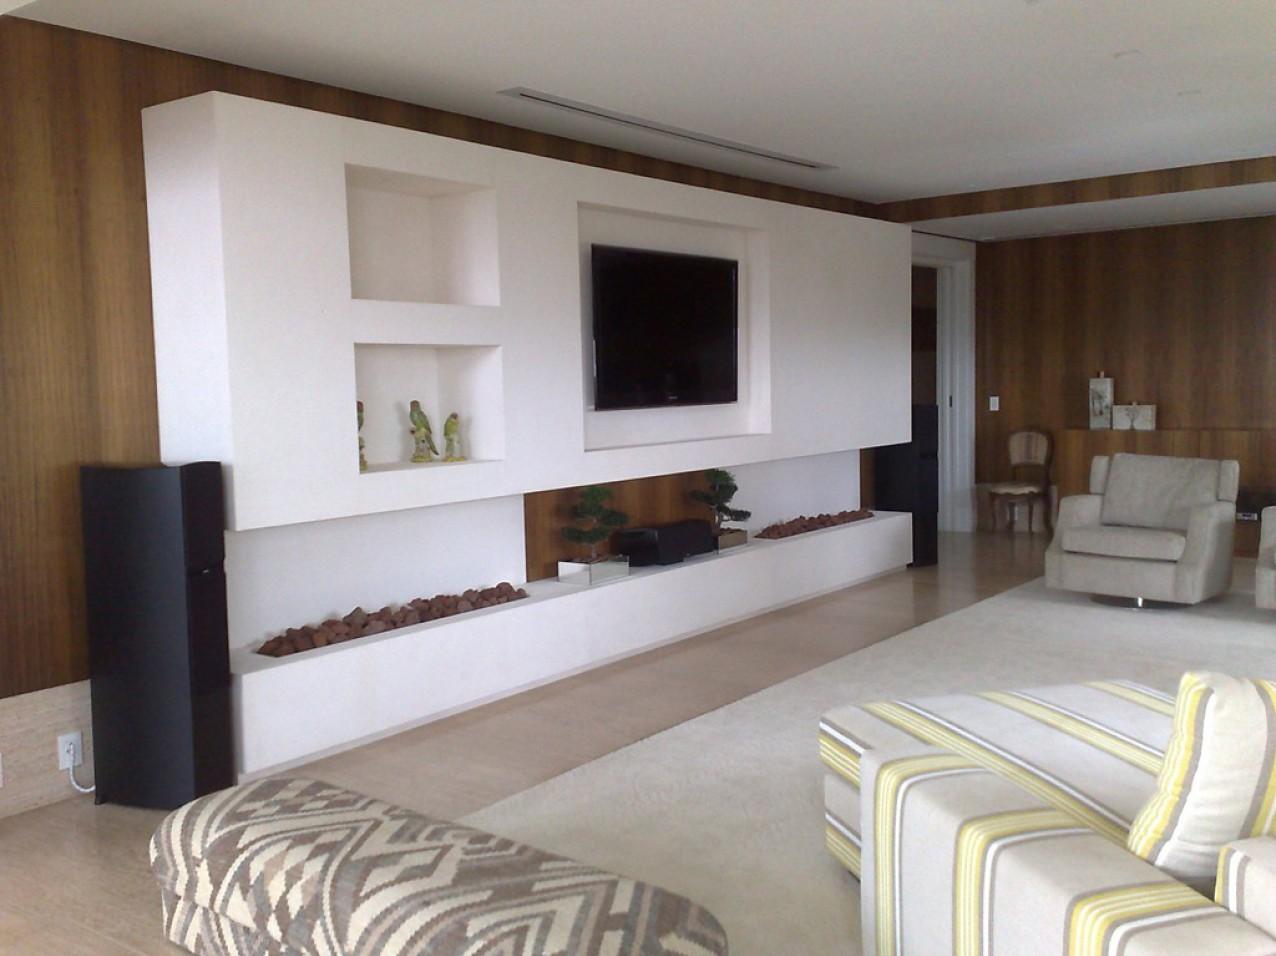 Obra residencial Cidade Jardim I - Sala de TV